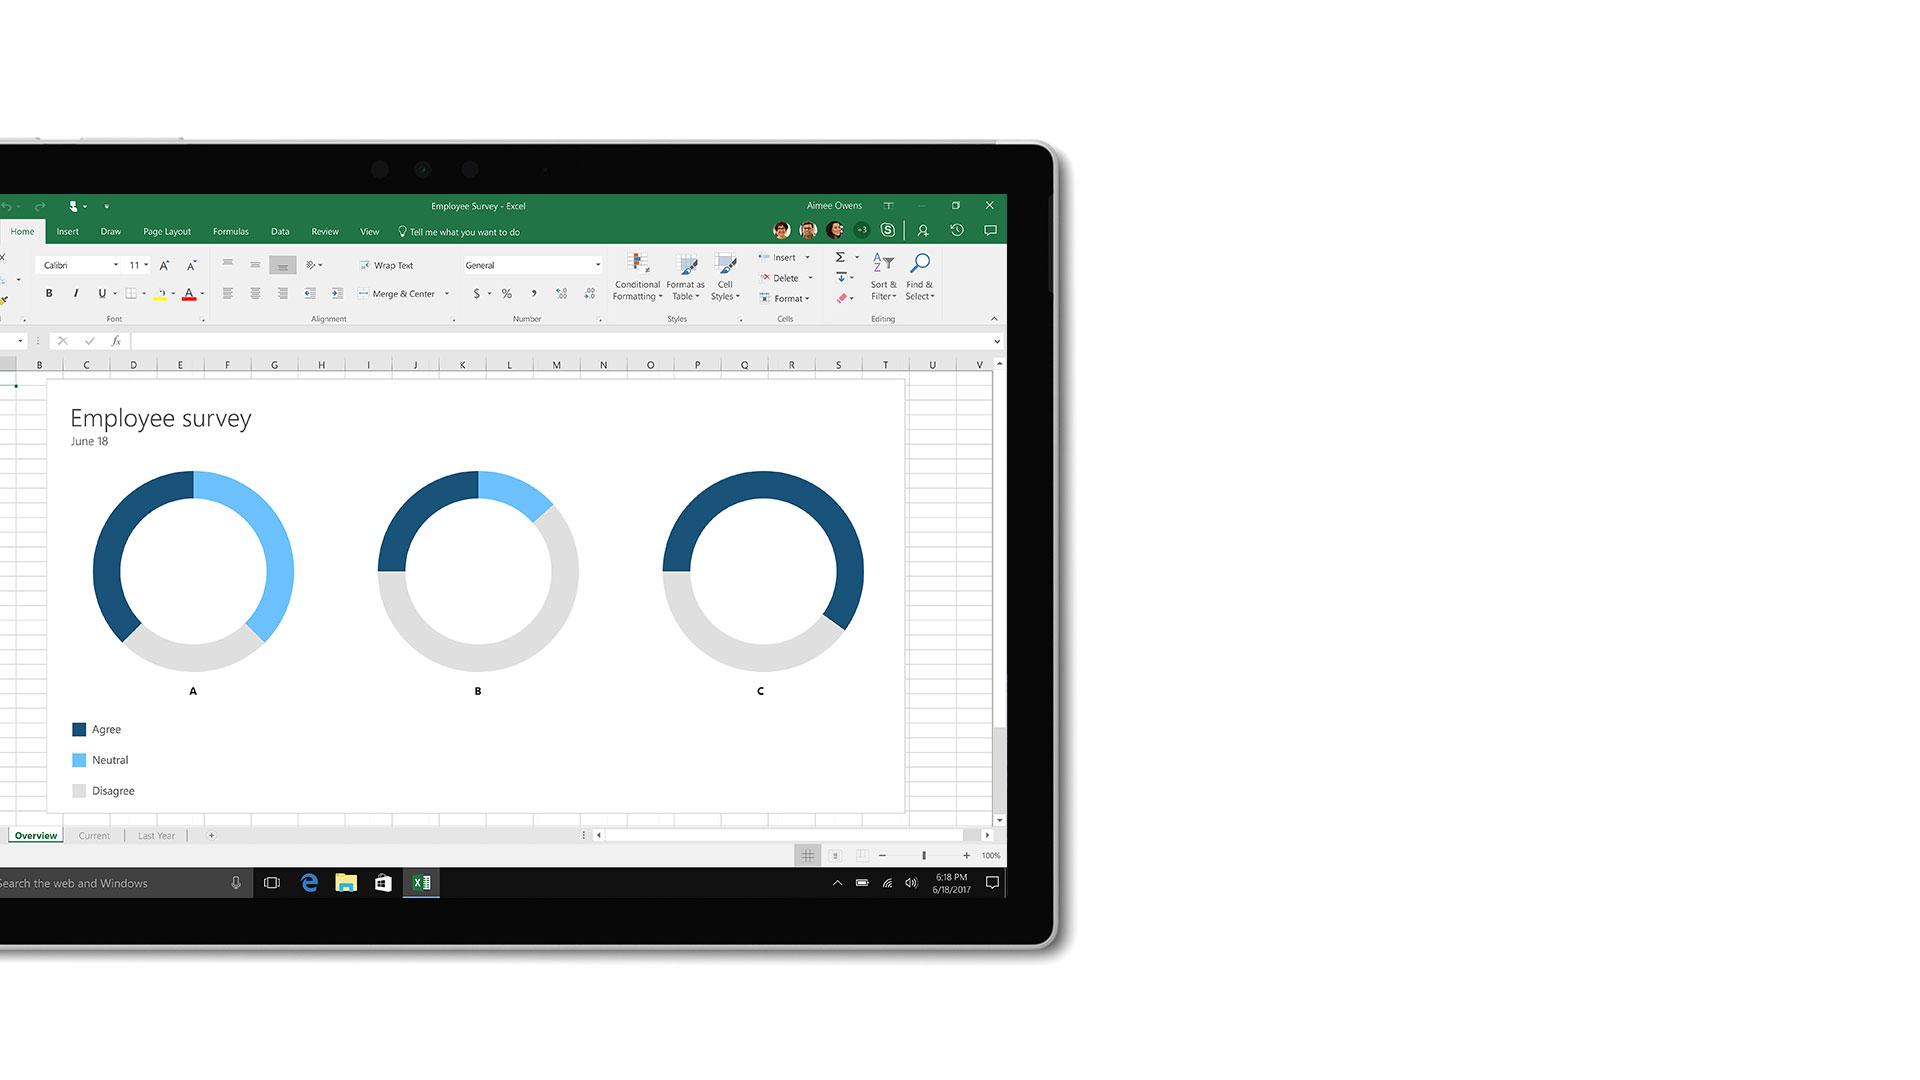 Image de l'interface utilisateur de Microsoft Excel